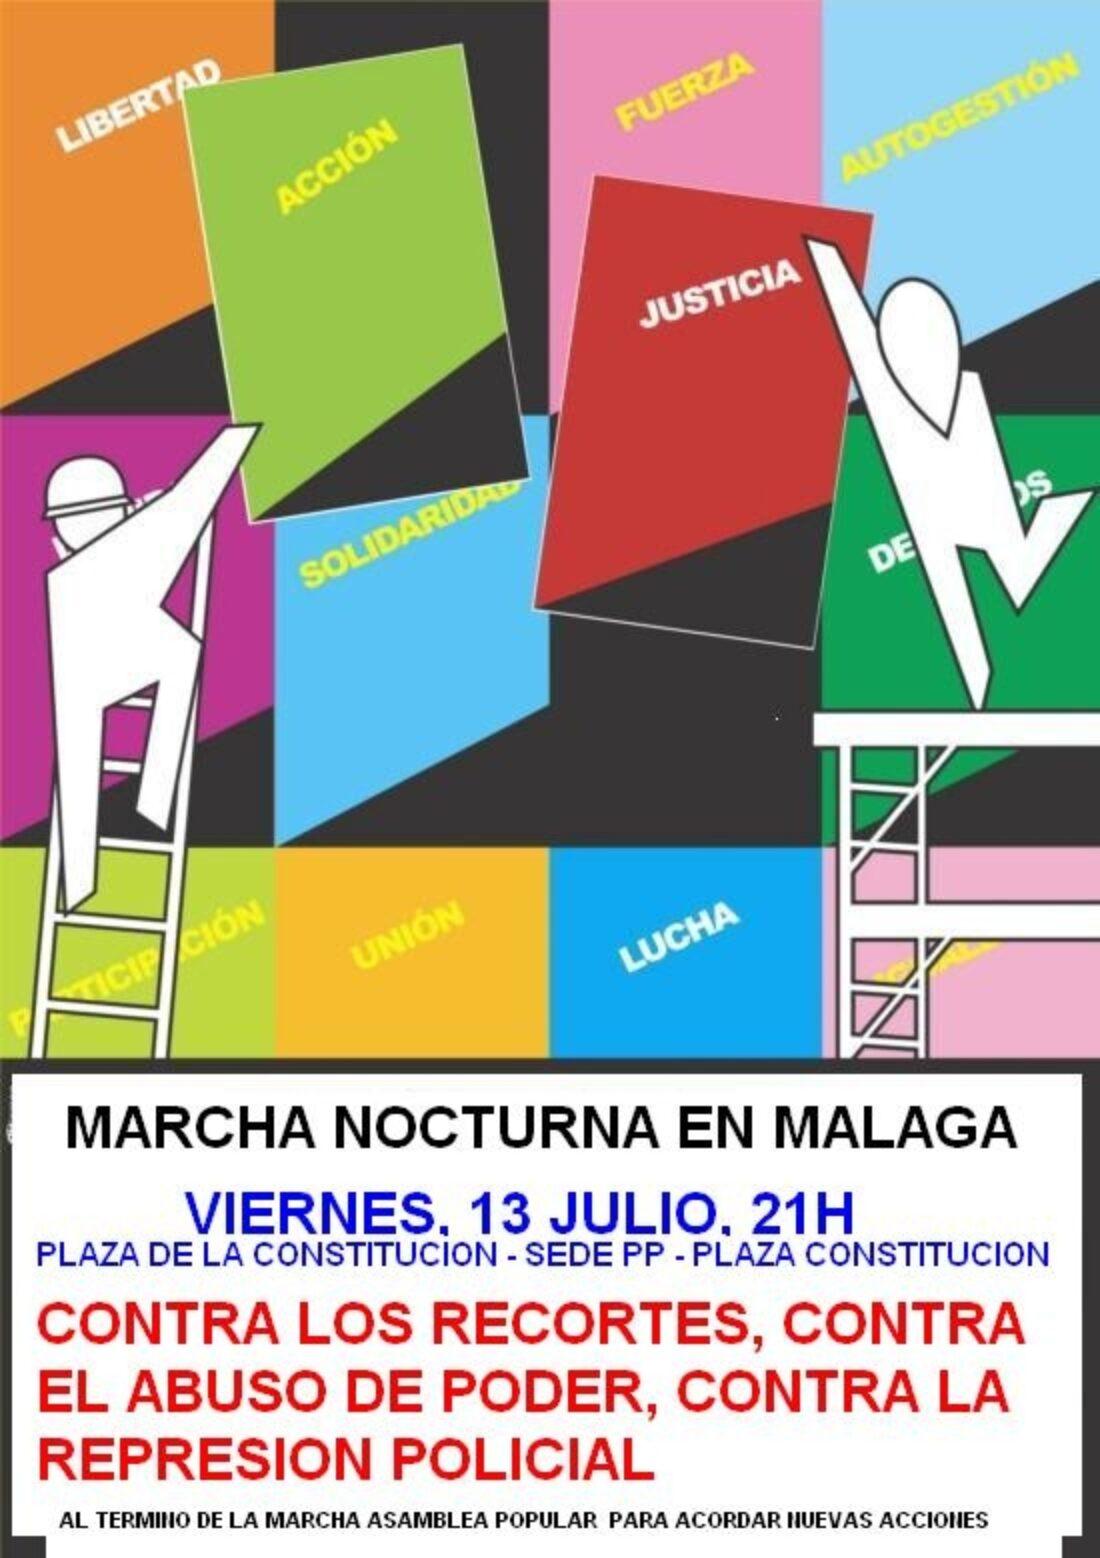 Marcha nocturna en Málaga contra los recortes, el abuso del poder y la represión policial